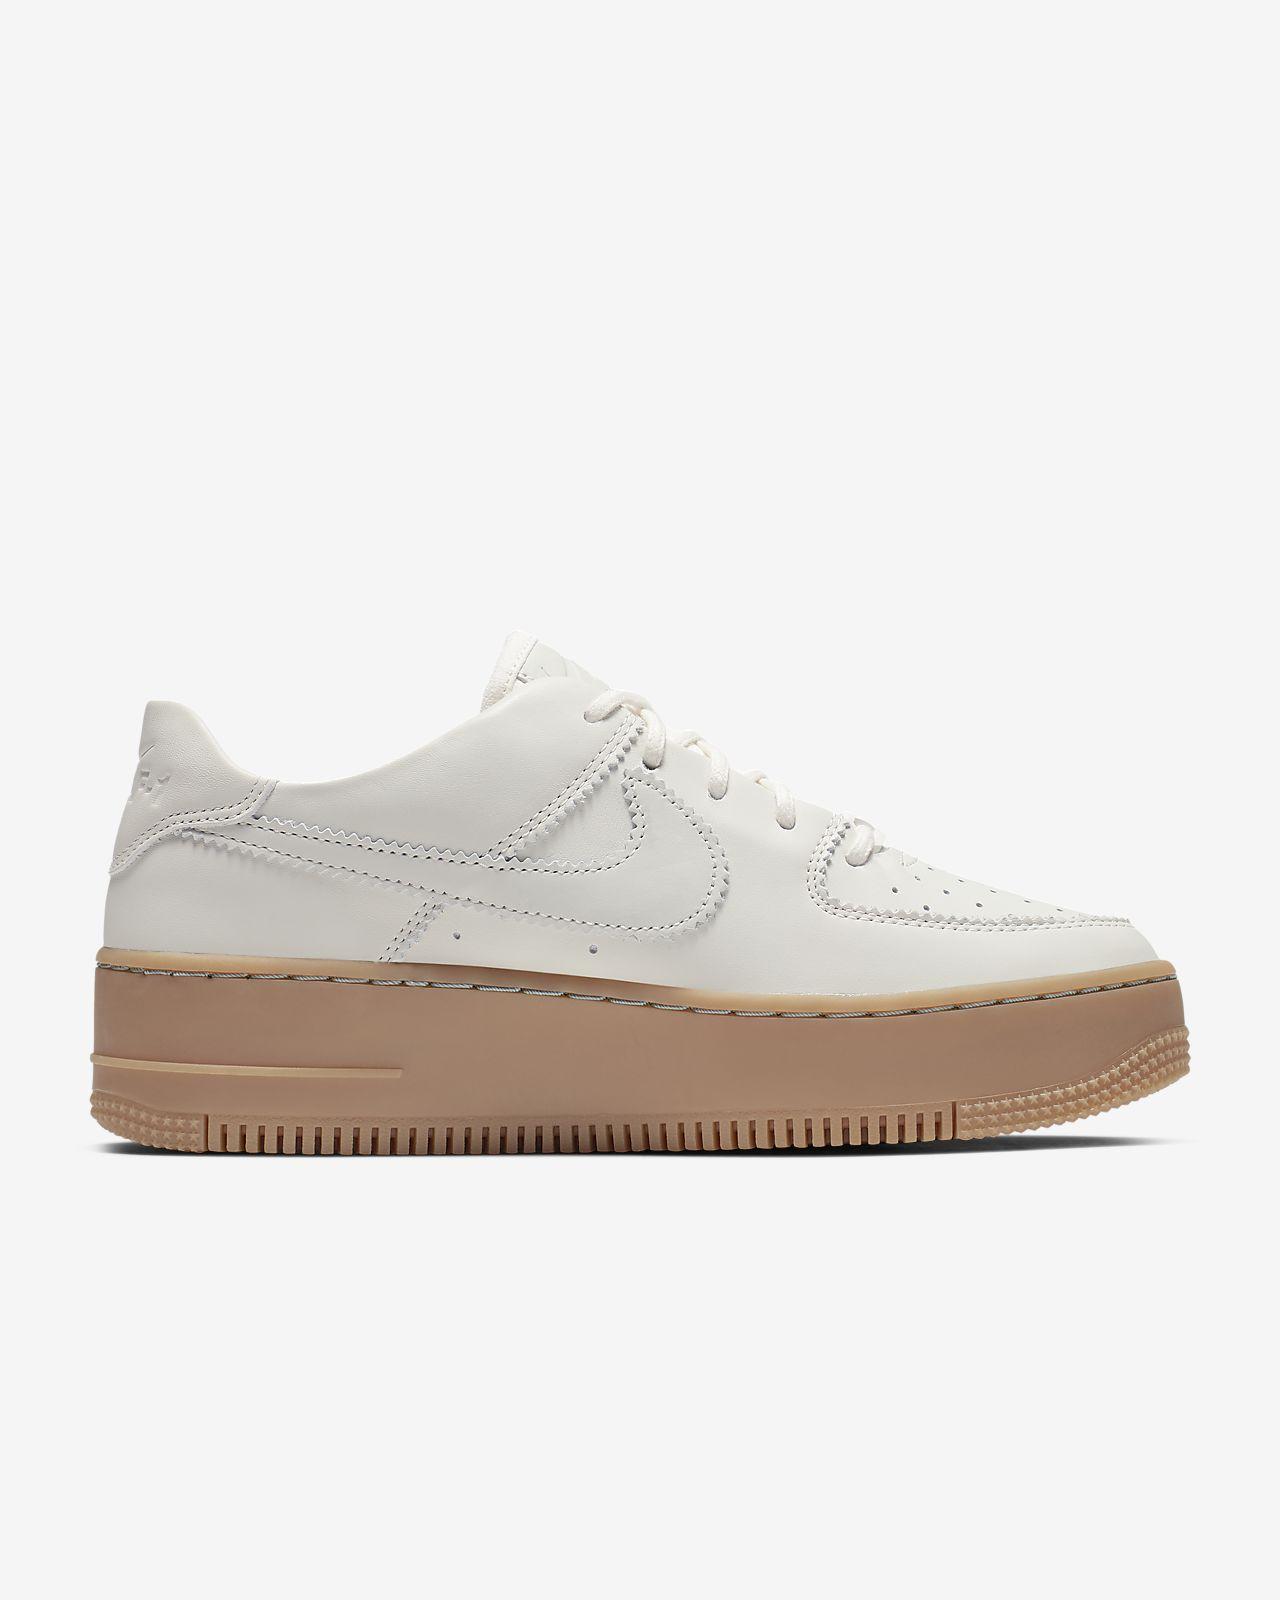 e983a8f4c4aea Nike Air Force 1 Sage Low LX Women's Shoe. Nike.com GB